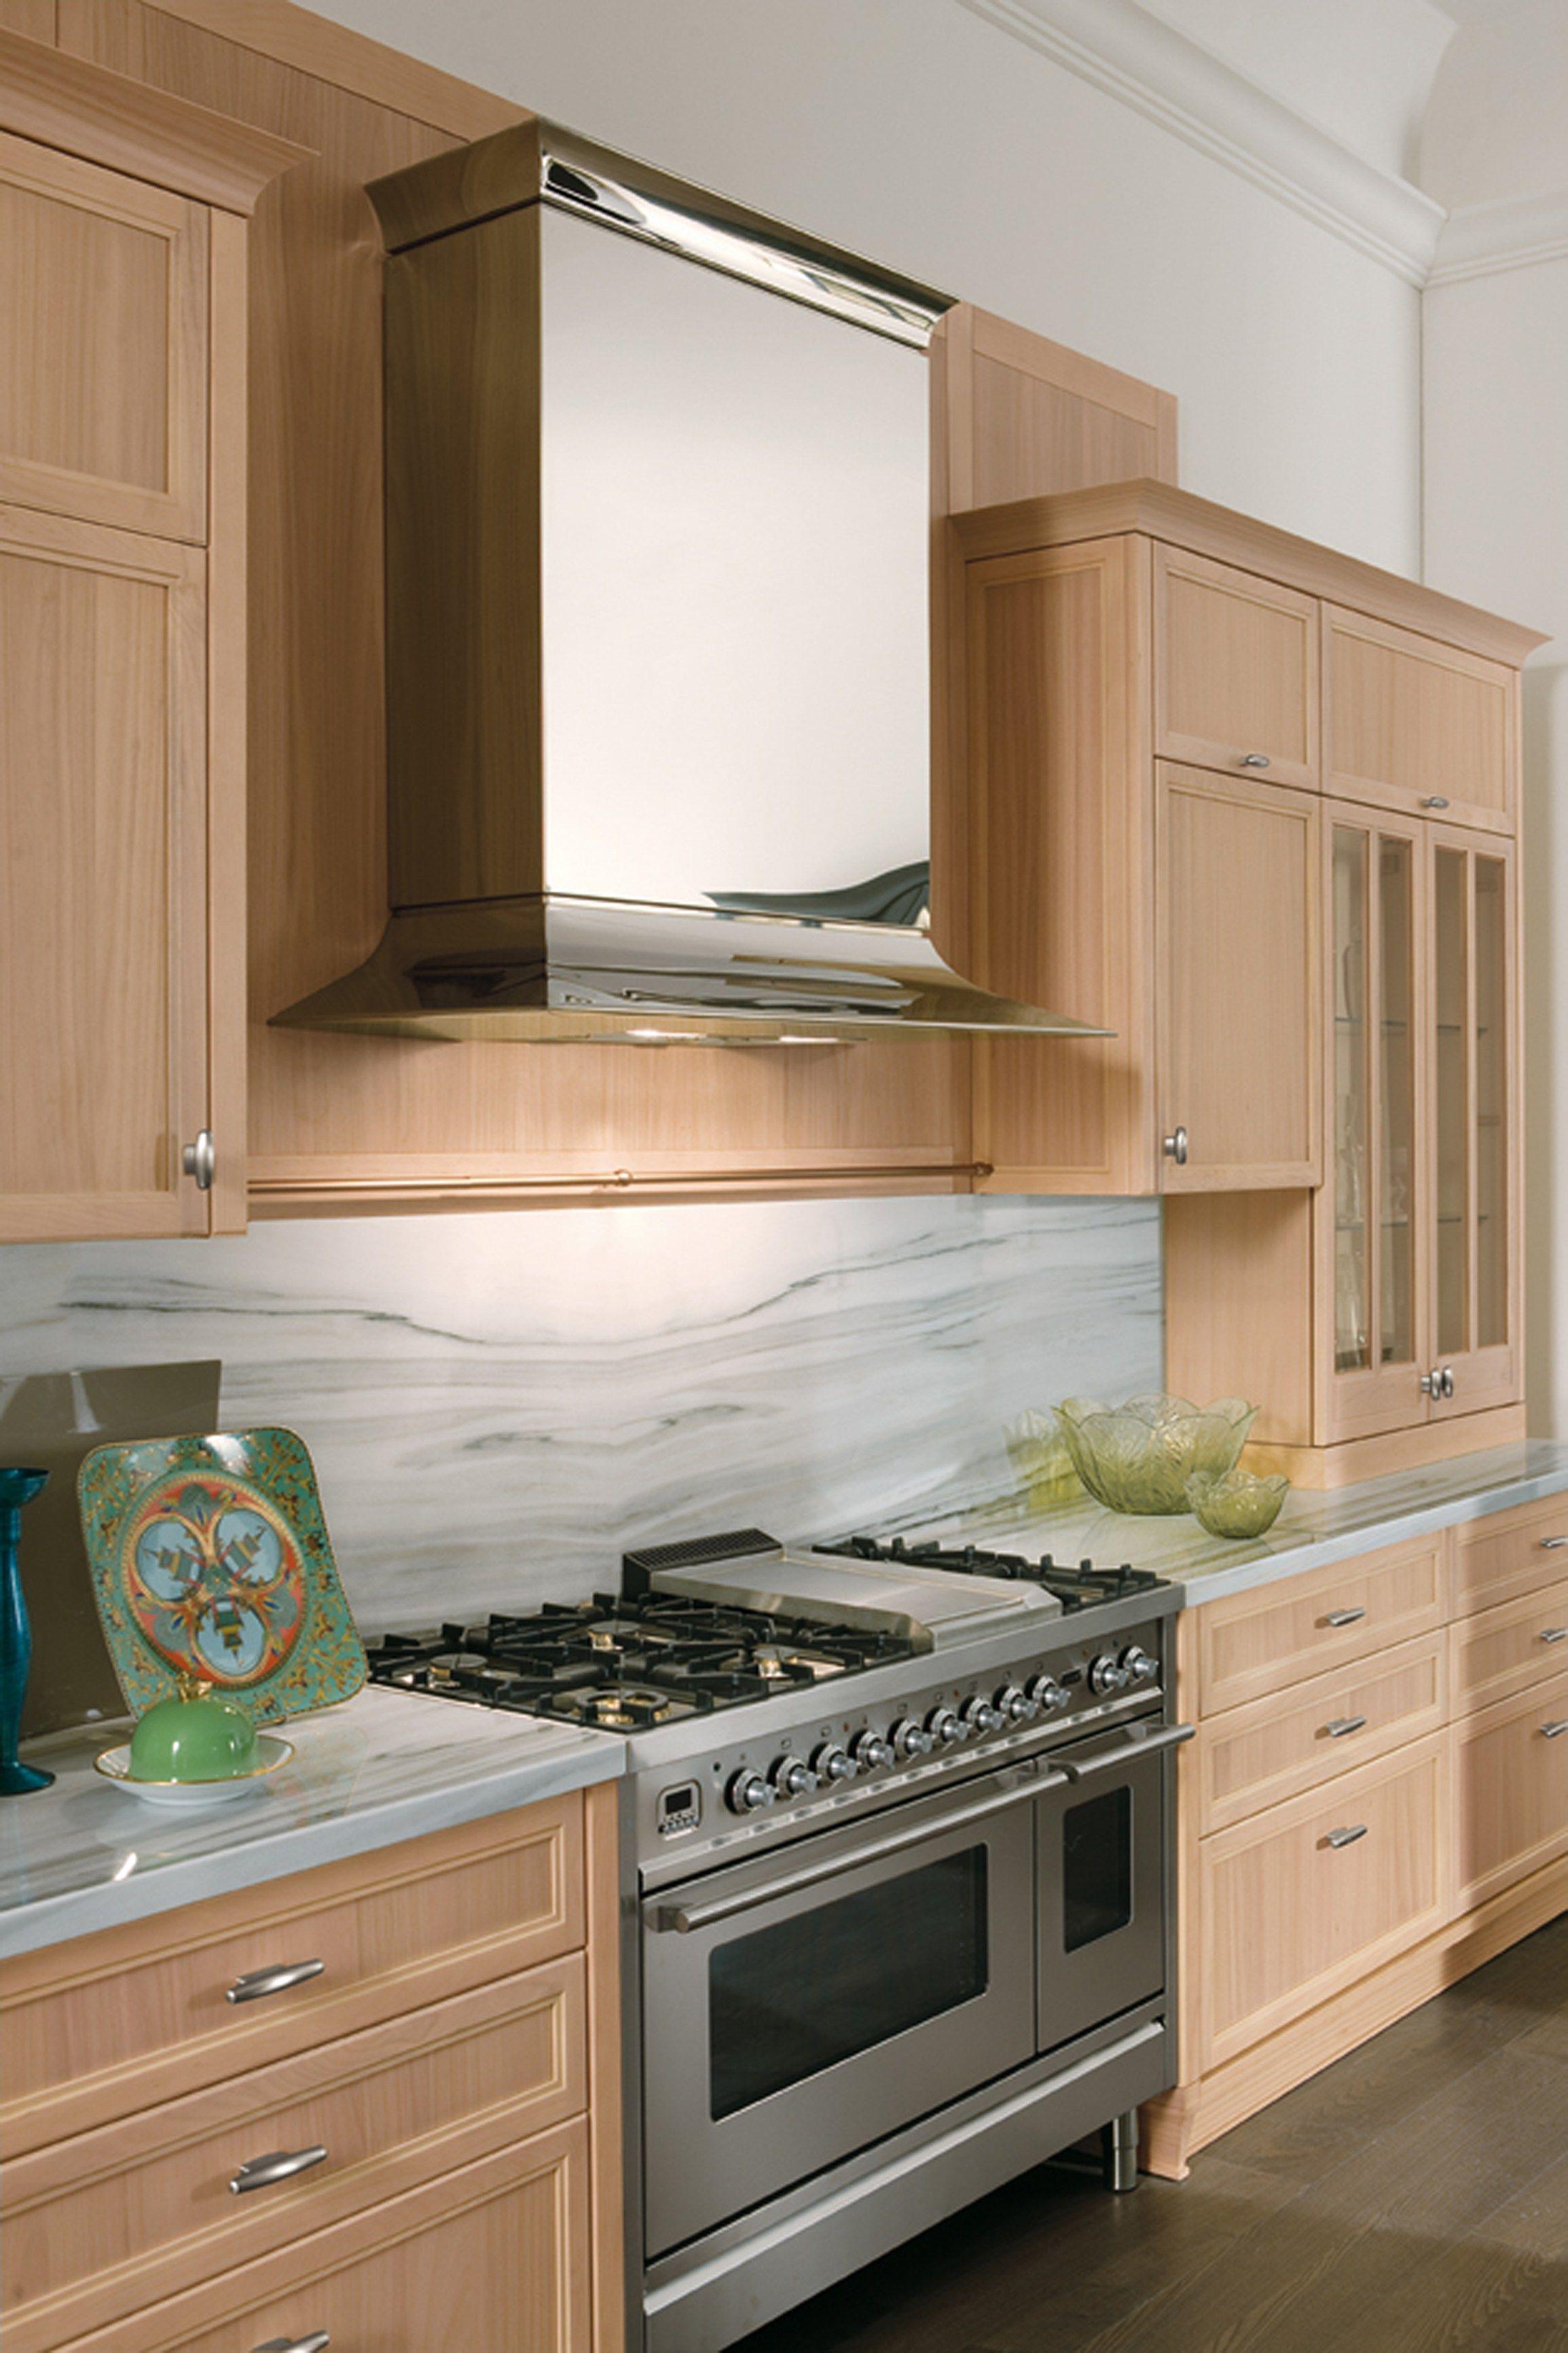 Cucina In Noce Con Maniglie Cucina In Noce Con Maniglie Cucina In  #664B2D 2309 3464 Veneta Cucine Senza Maniglie